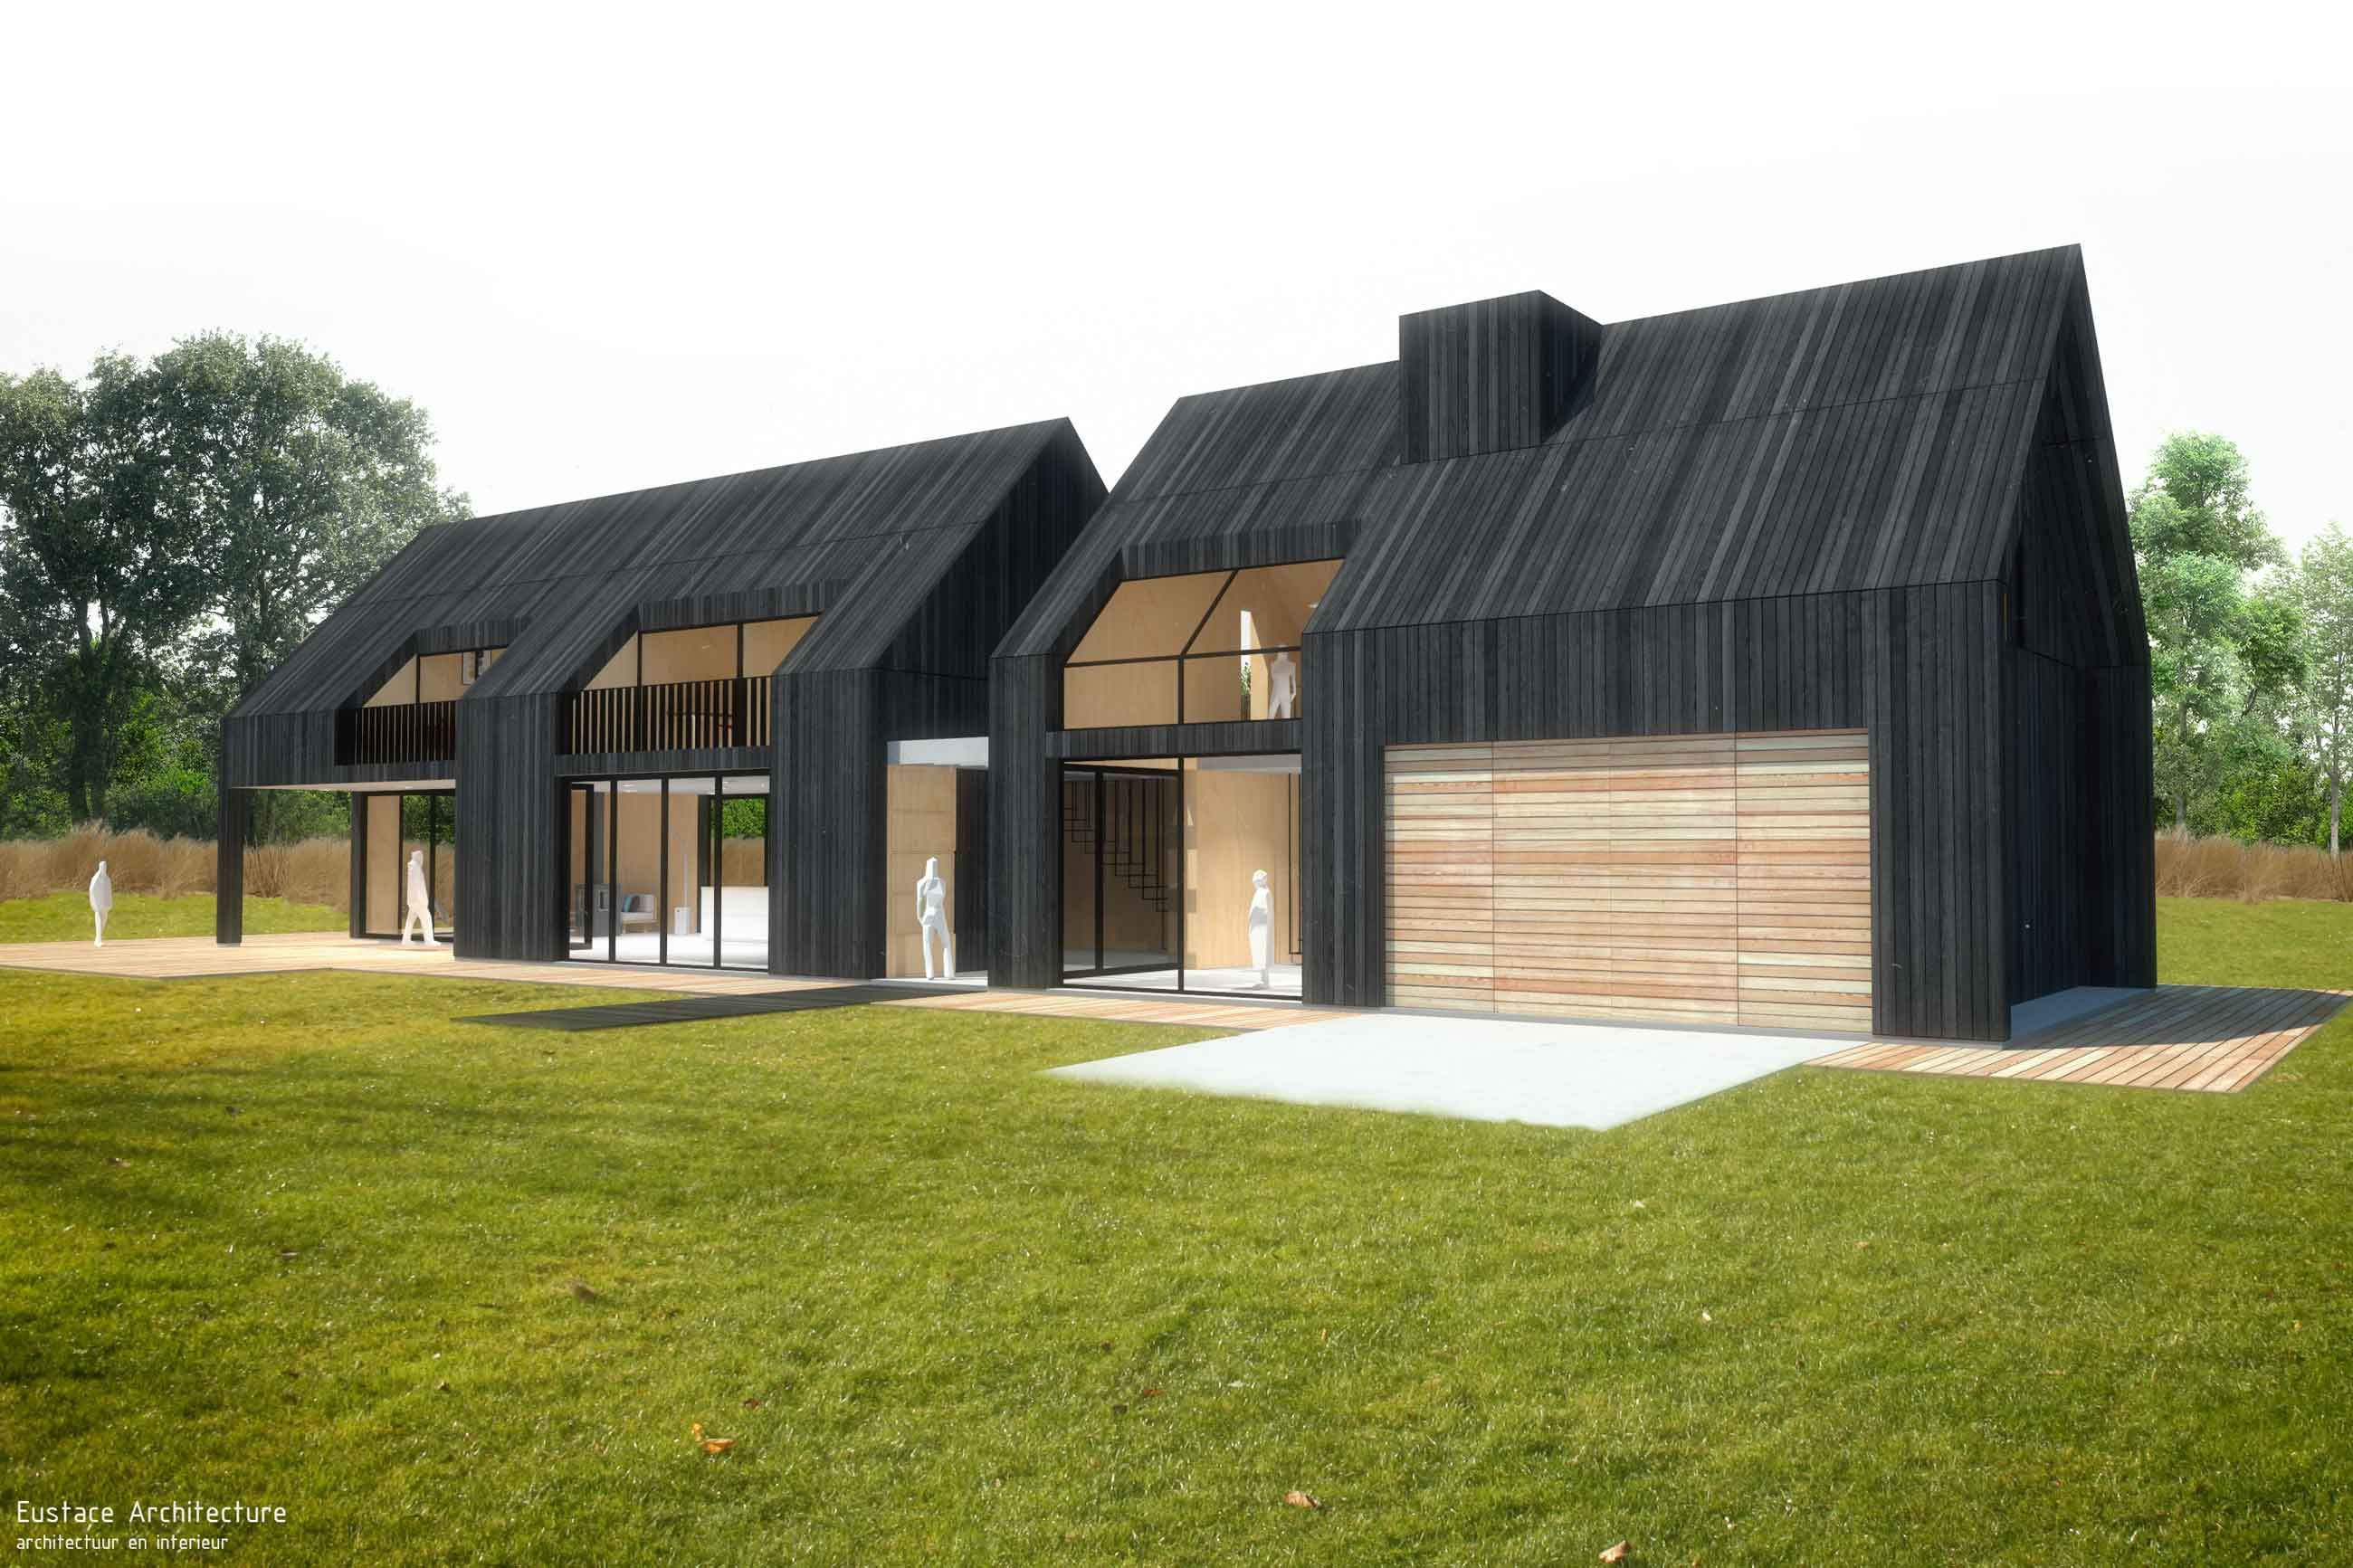 Duurzame vrijstaande particuliere zelfbouw gezinswoning perspectief zijaanzicht blackhouse eustace architectuur